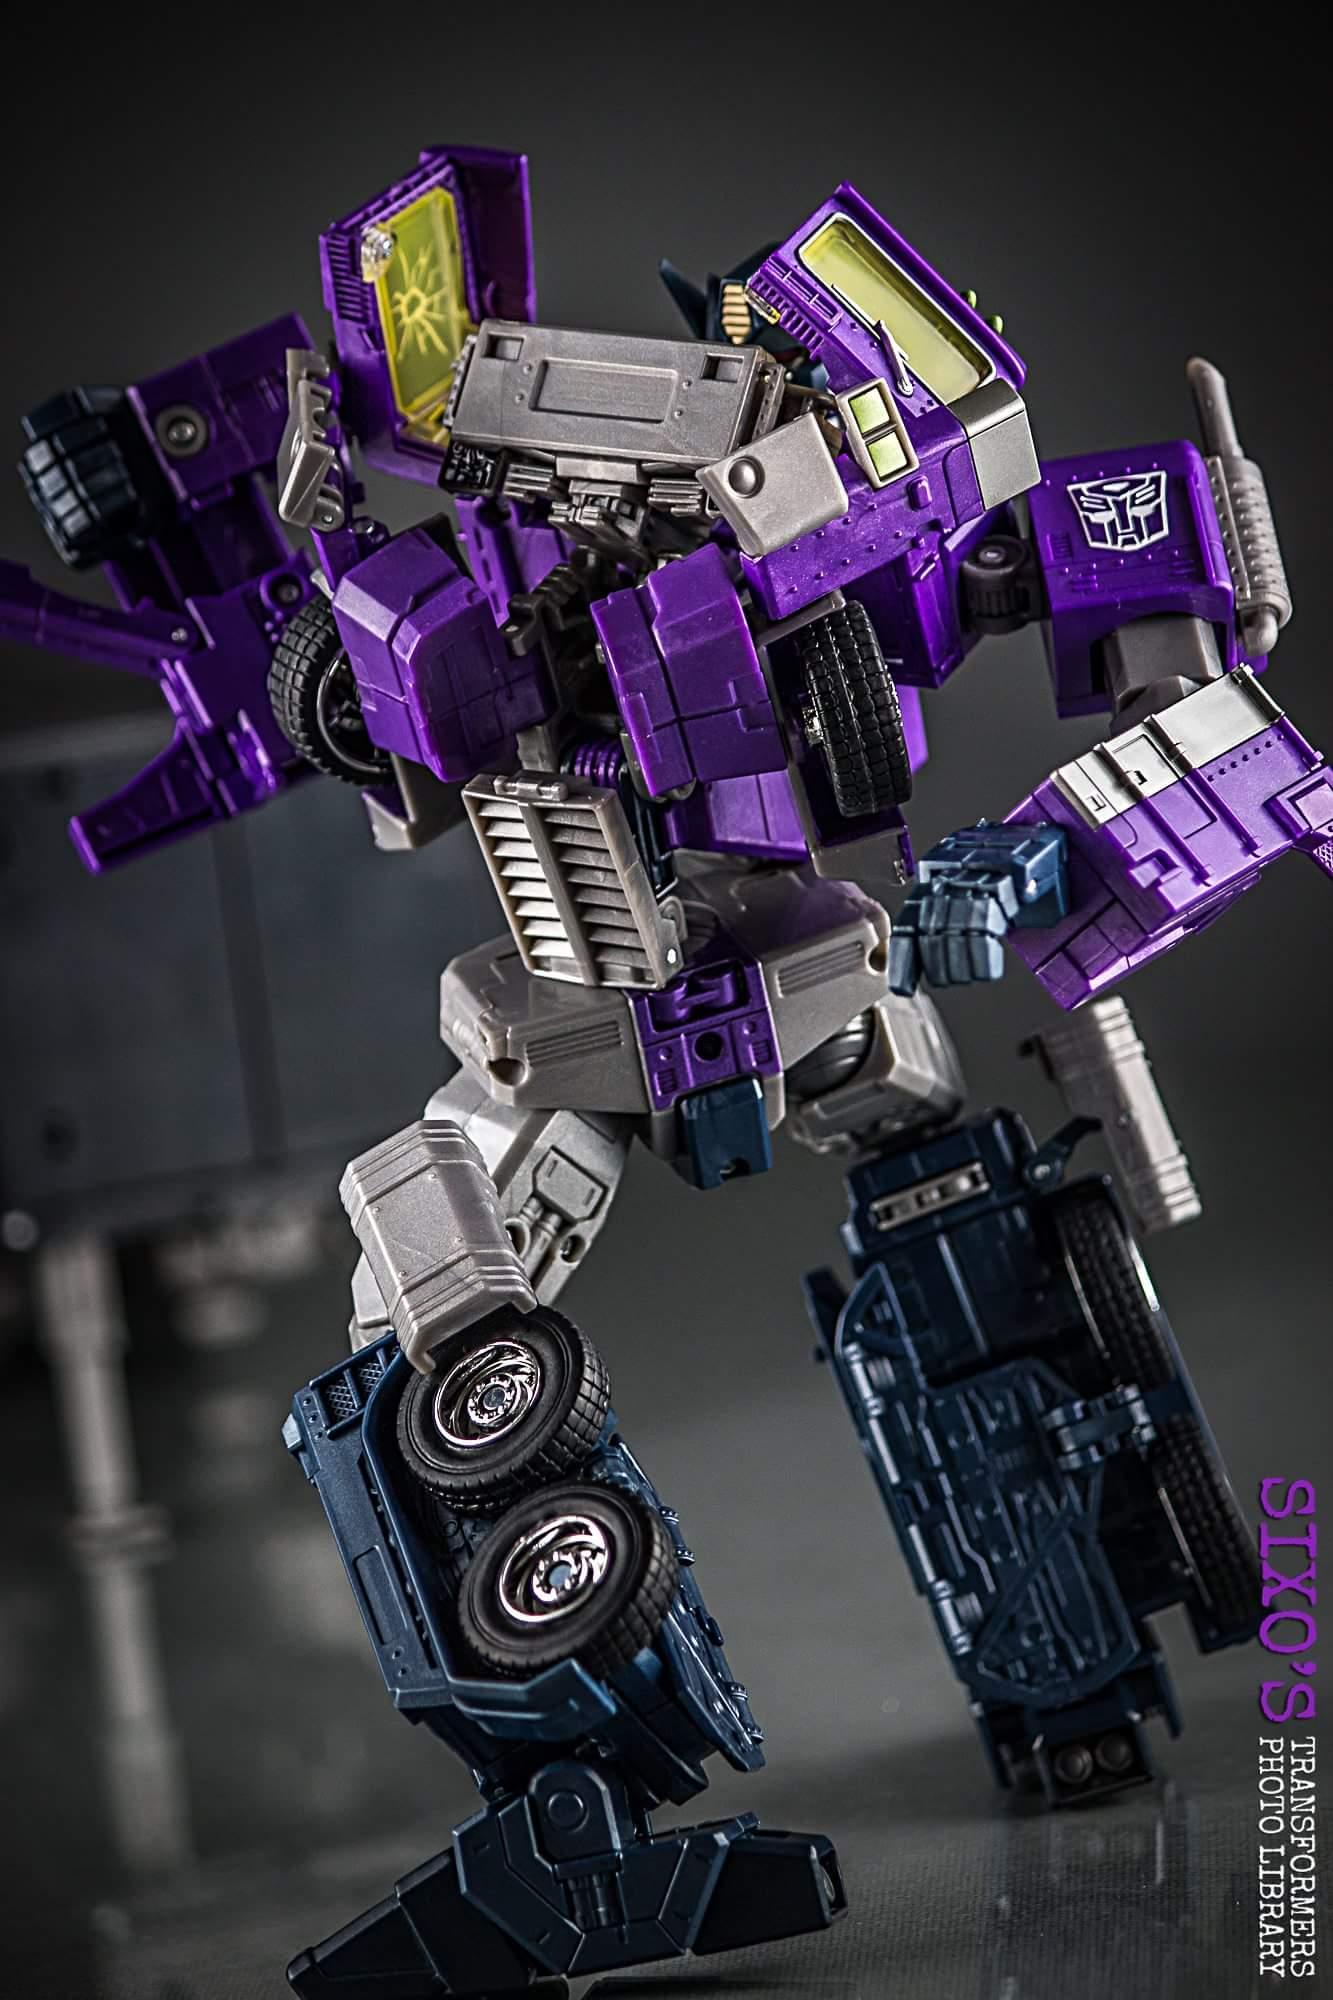 [Masterpiece] MP-10B | MP-10A | MP-10R | MP-10SG | MP-10K | MP-711 | MP-10G | MP-10 ASL ― Convoy (Optimus Prime/Optimus Primus) - Page 5 4PpbUPtY